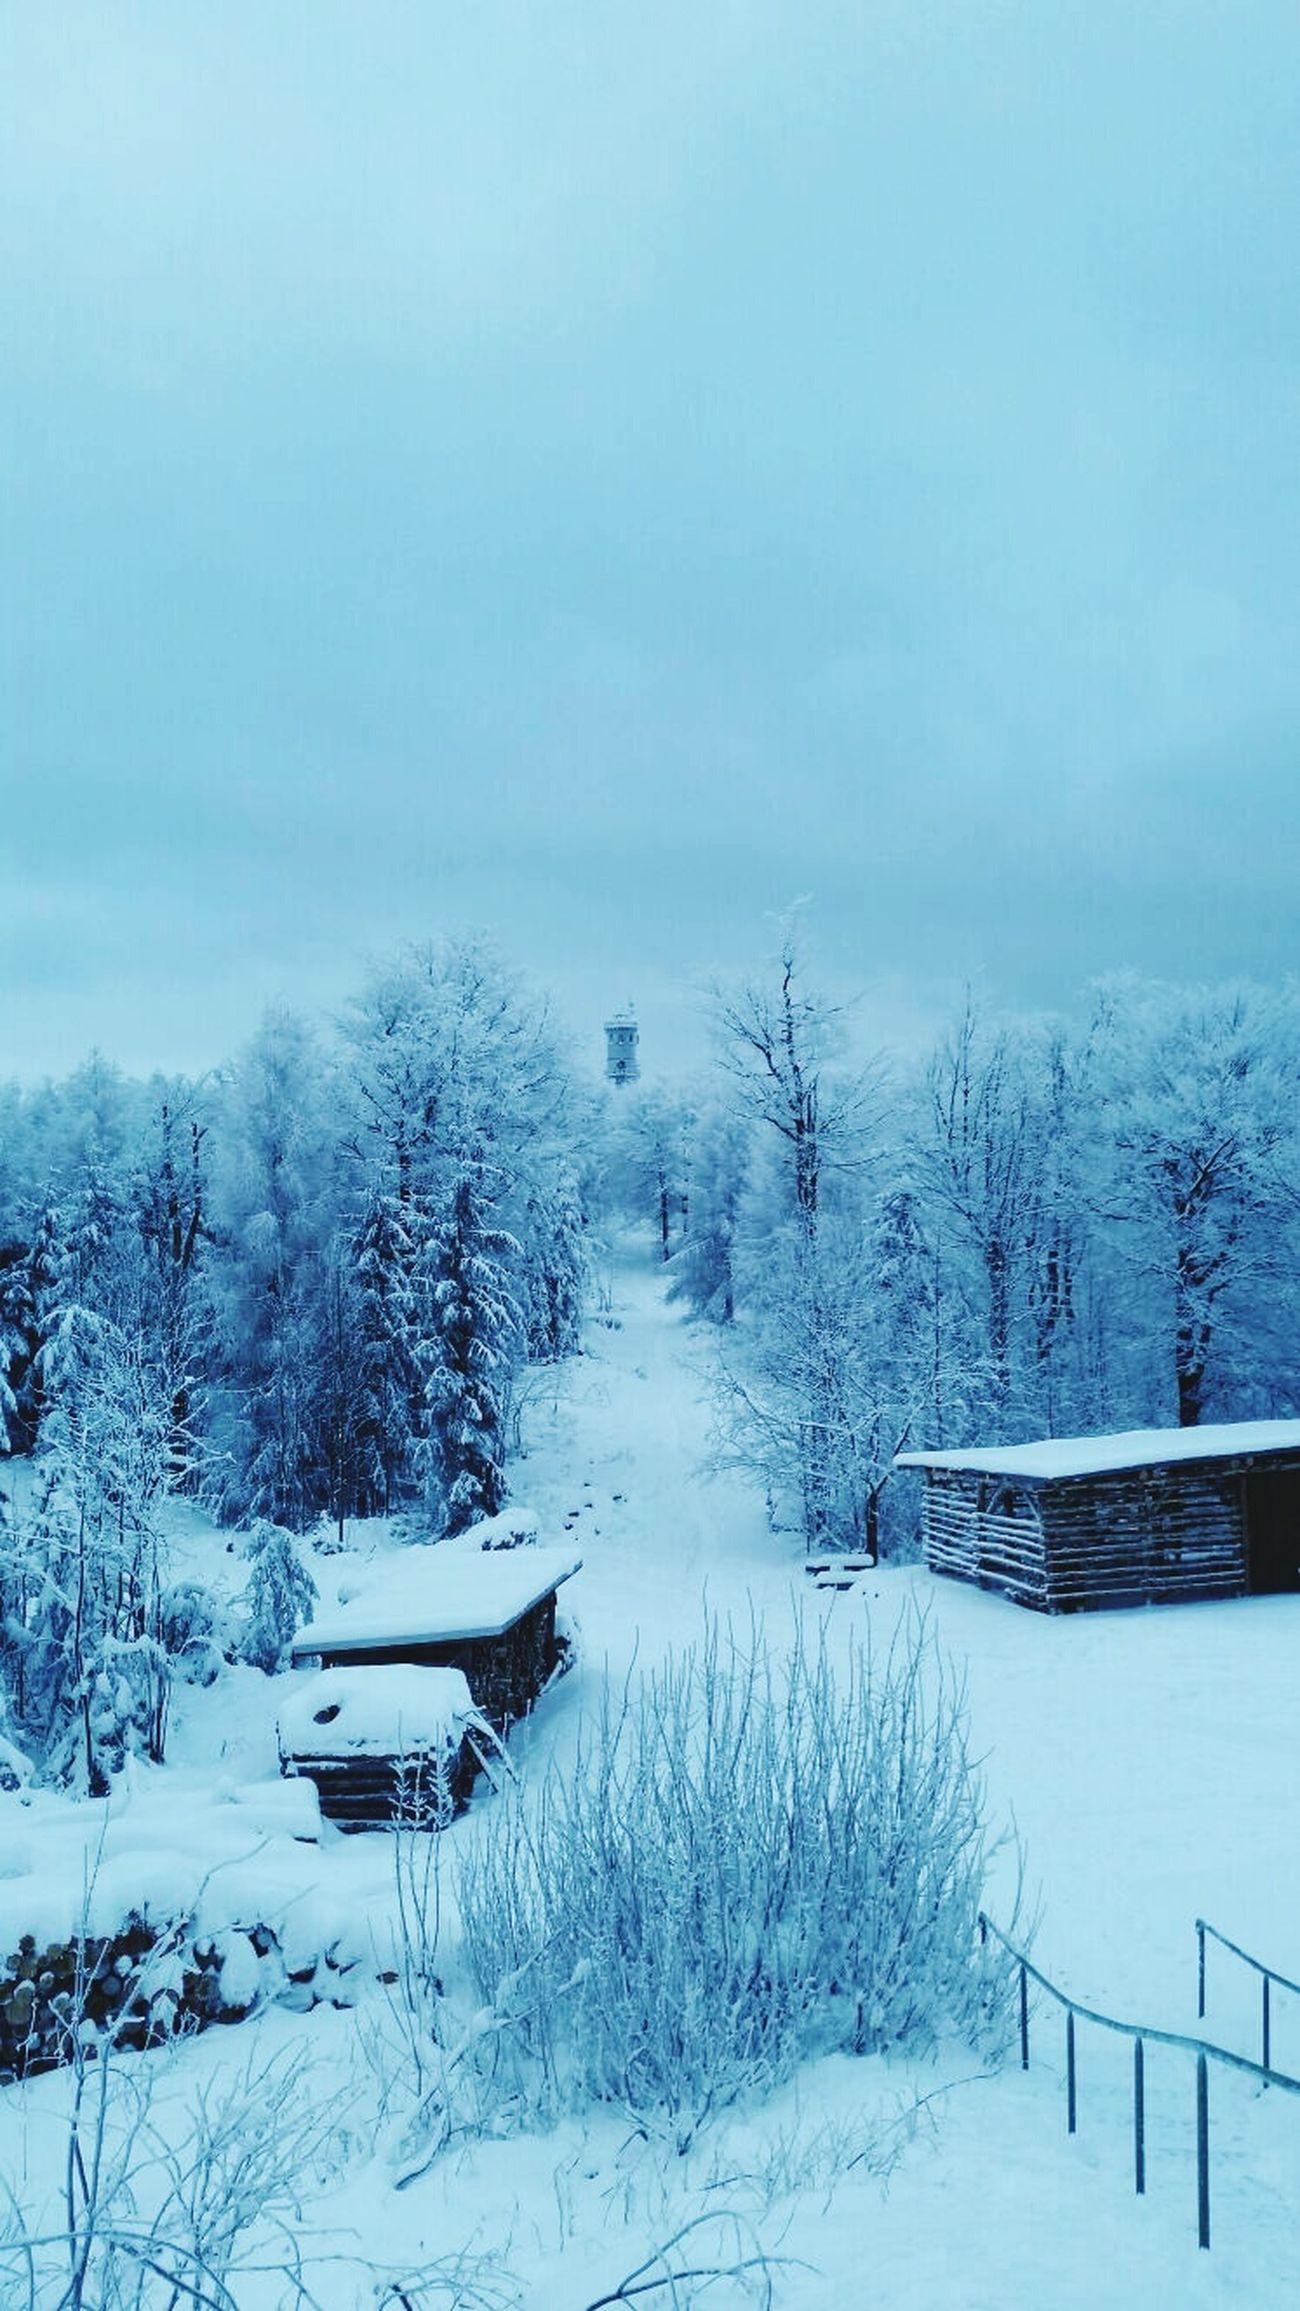 Shades Of Blue Winter Trees Winter Winterwonderland Wintertime Germany Winter 2016 Ruhe Ruhe Und Stille Frieden Deutschland. Dein Tag Stille Aufstieg Winterwald Snowing ❄ Snow Snow Day My Best Photo 2015